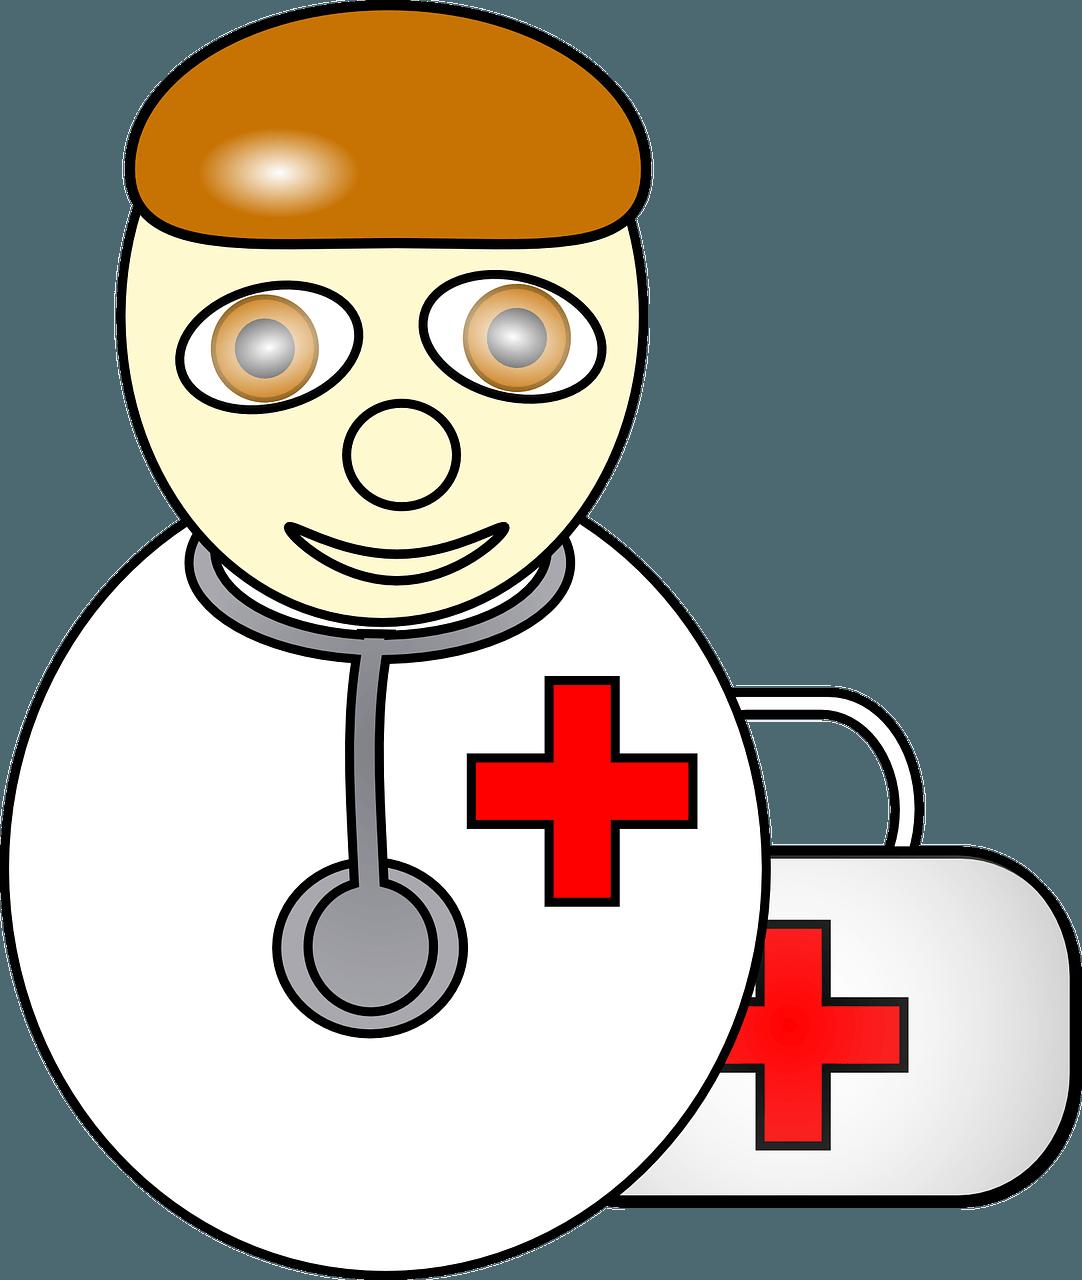 Tierarzt Clipart